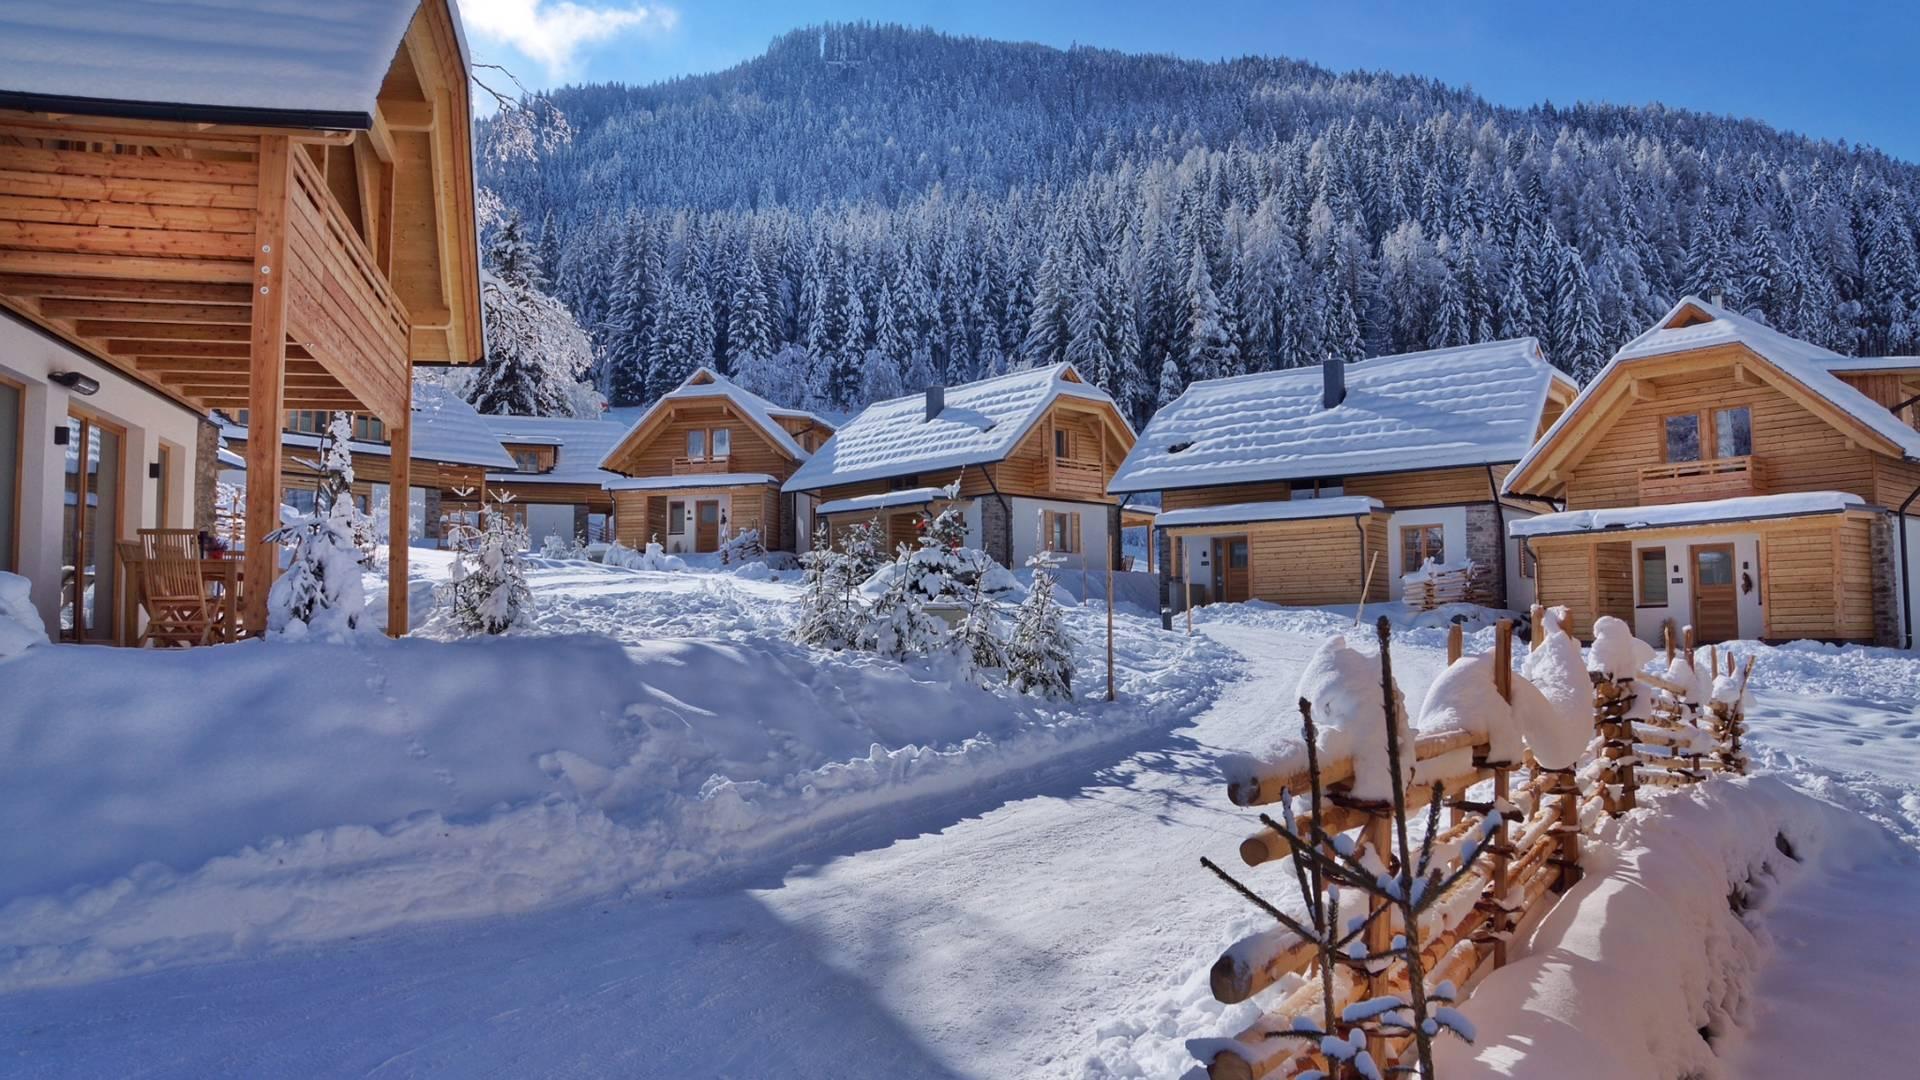 Hotel Trattlerhof in Bad Kleinkirchheim_Trattlers Hof Chalets im Winter